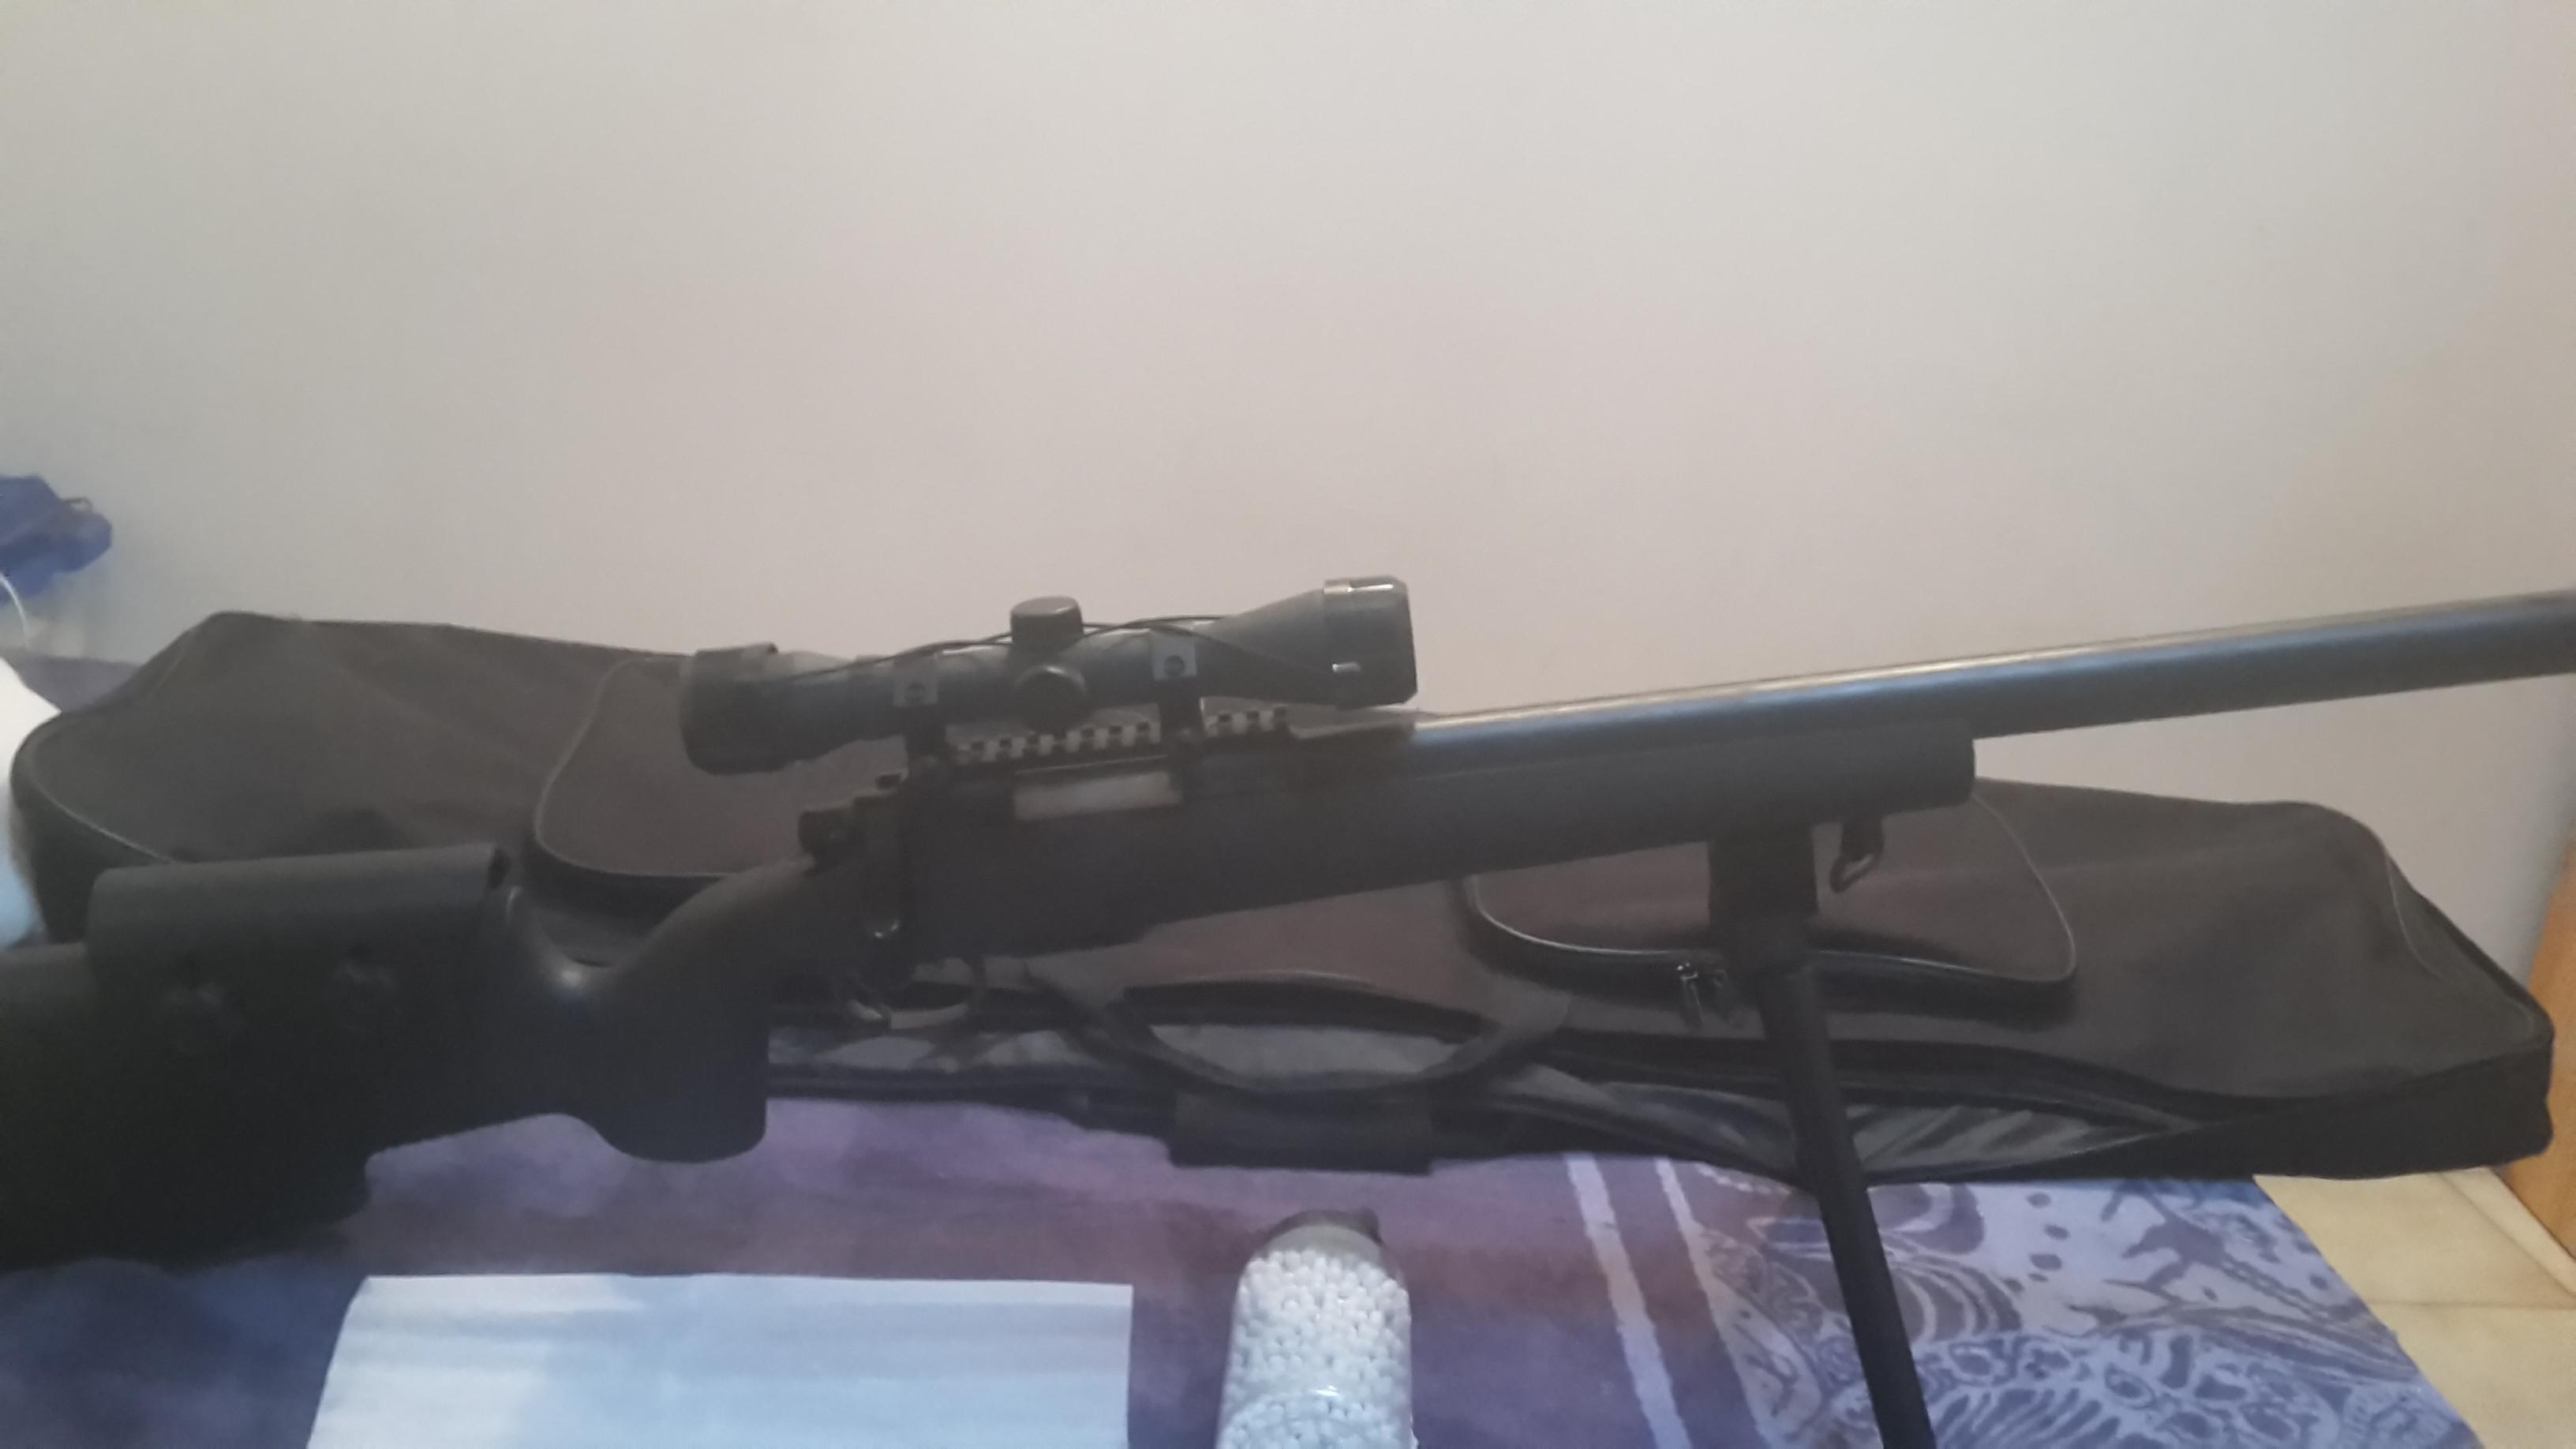 Vente FN SPR A5M 12758120150831194427